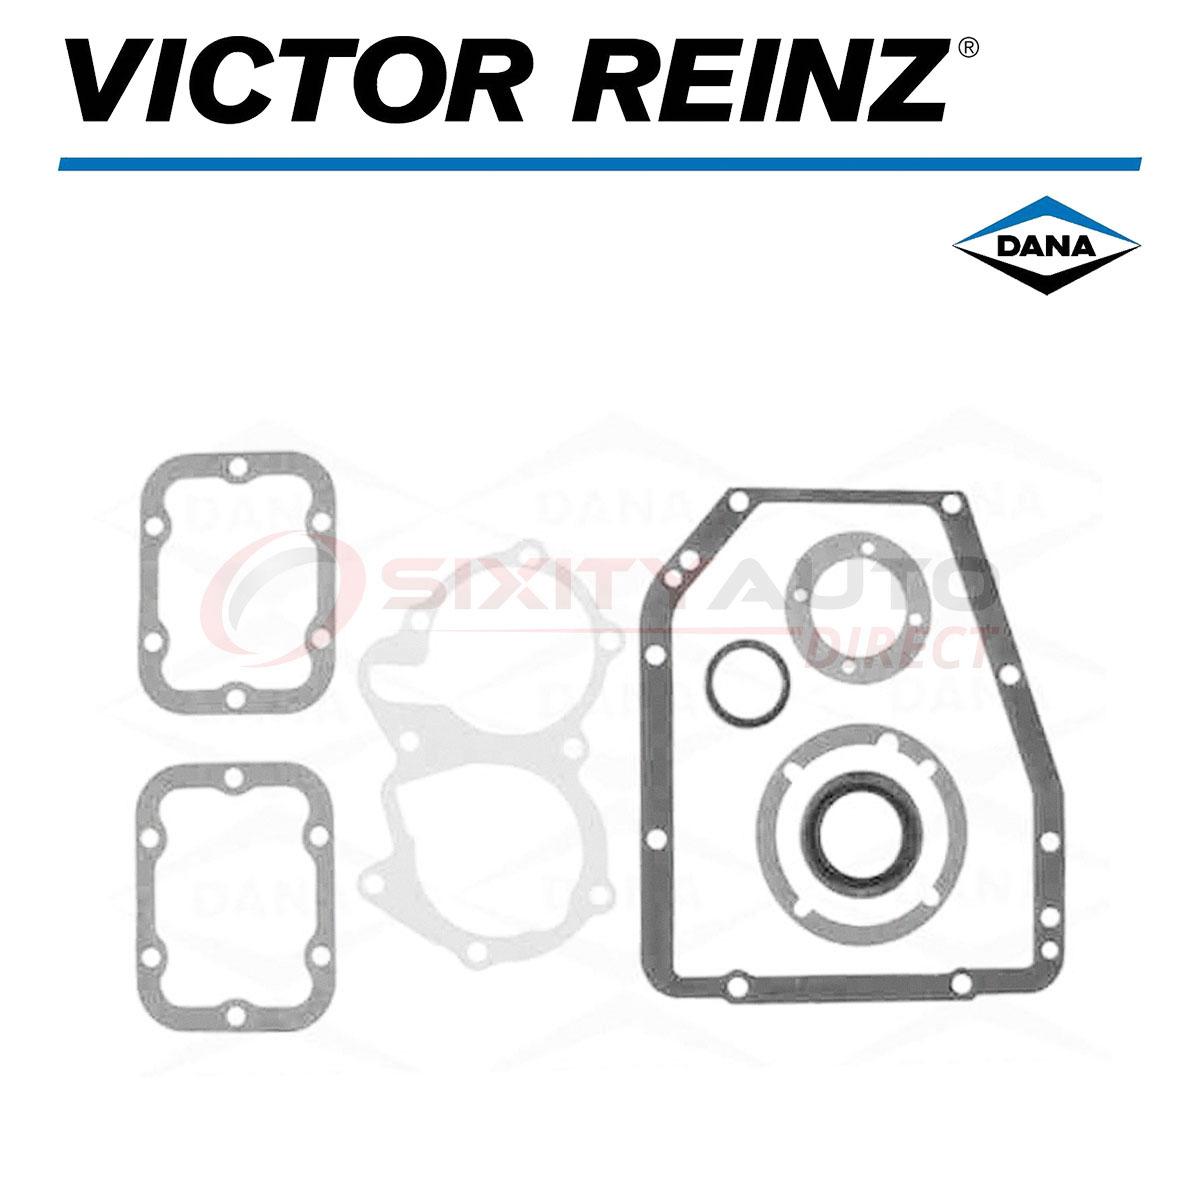 Victor Reinz Manual Transmission Gasket Set for 1969-1973